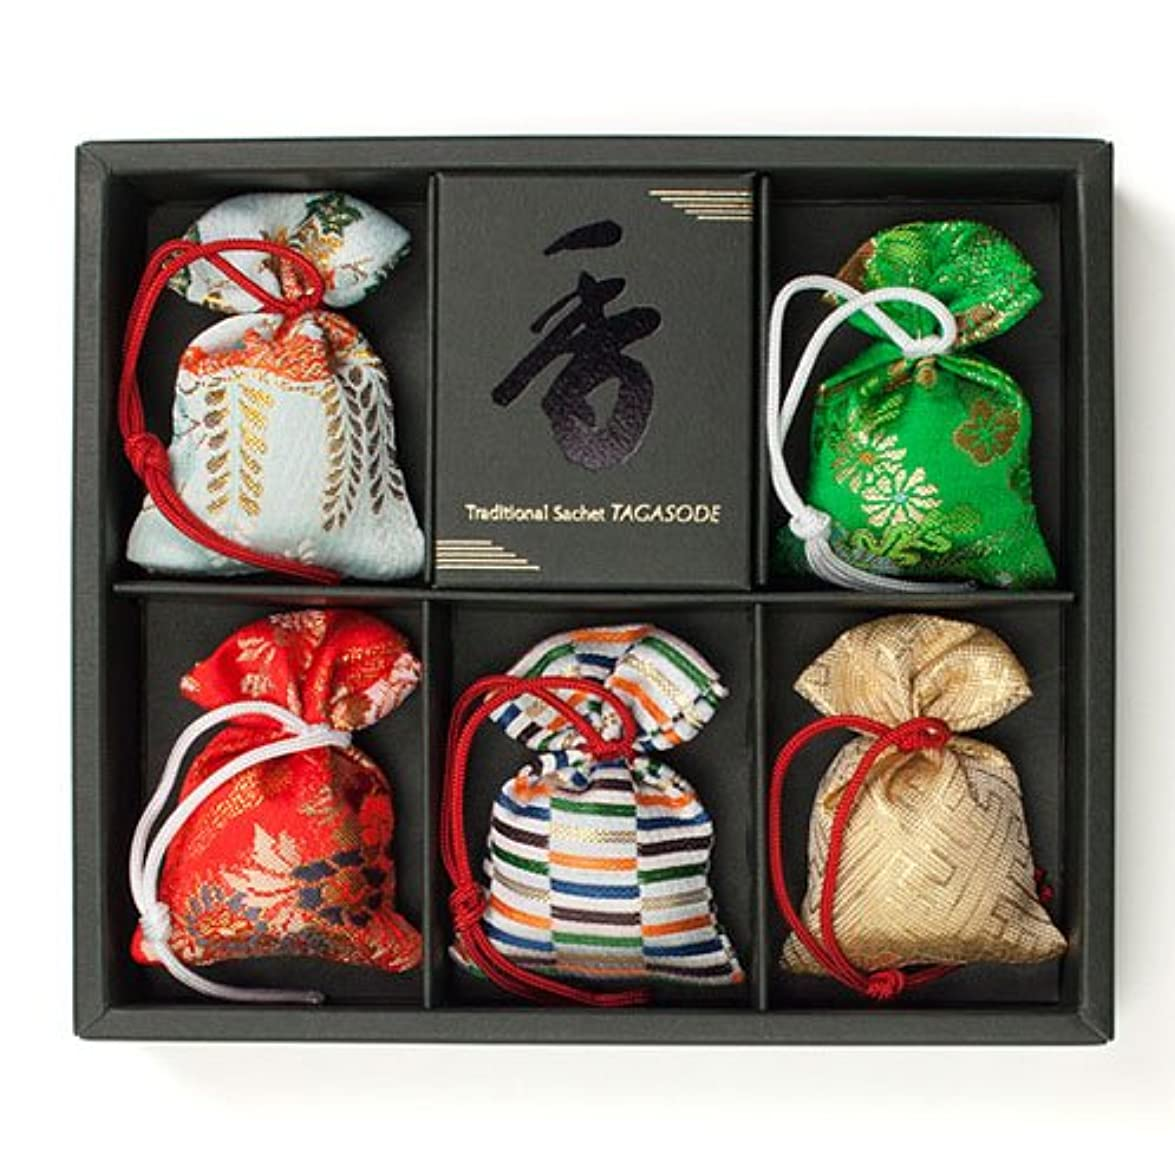 先例しっかり財布匂い袋 誰が袖 極品 5個入 松栄堂 Shoyeido 本体長さ60mm (色?柄は選べません)